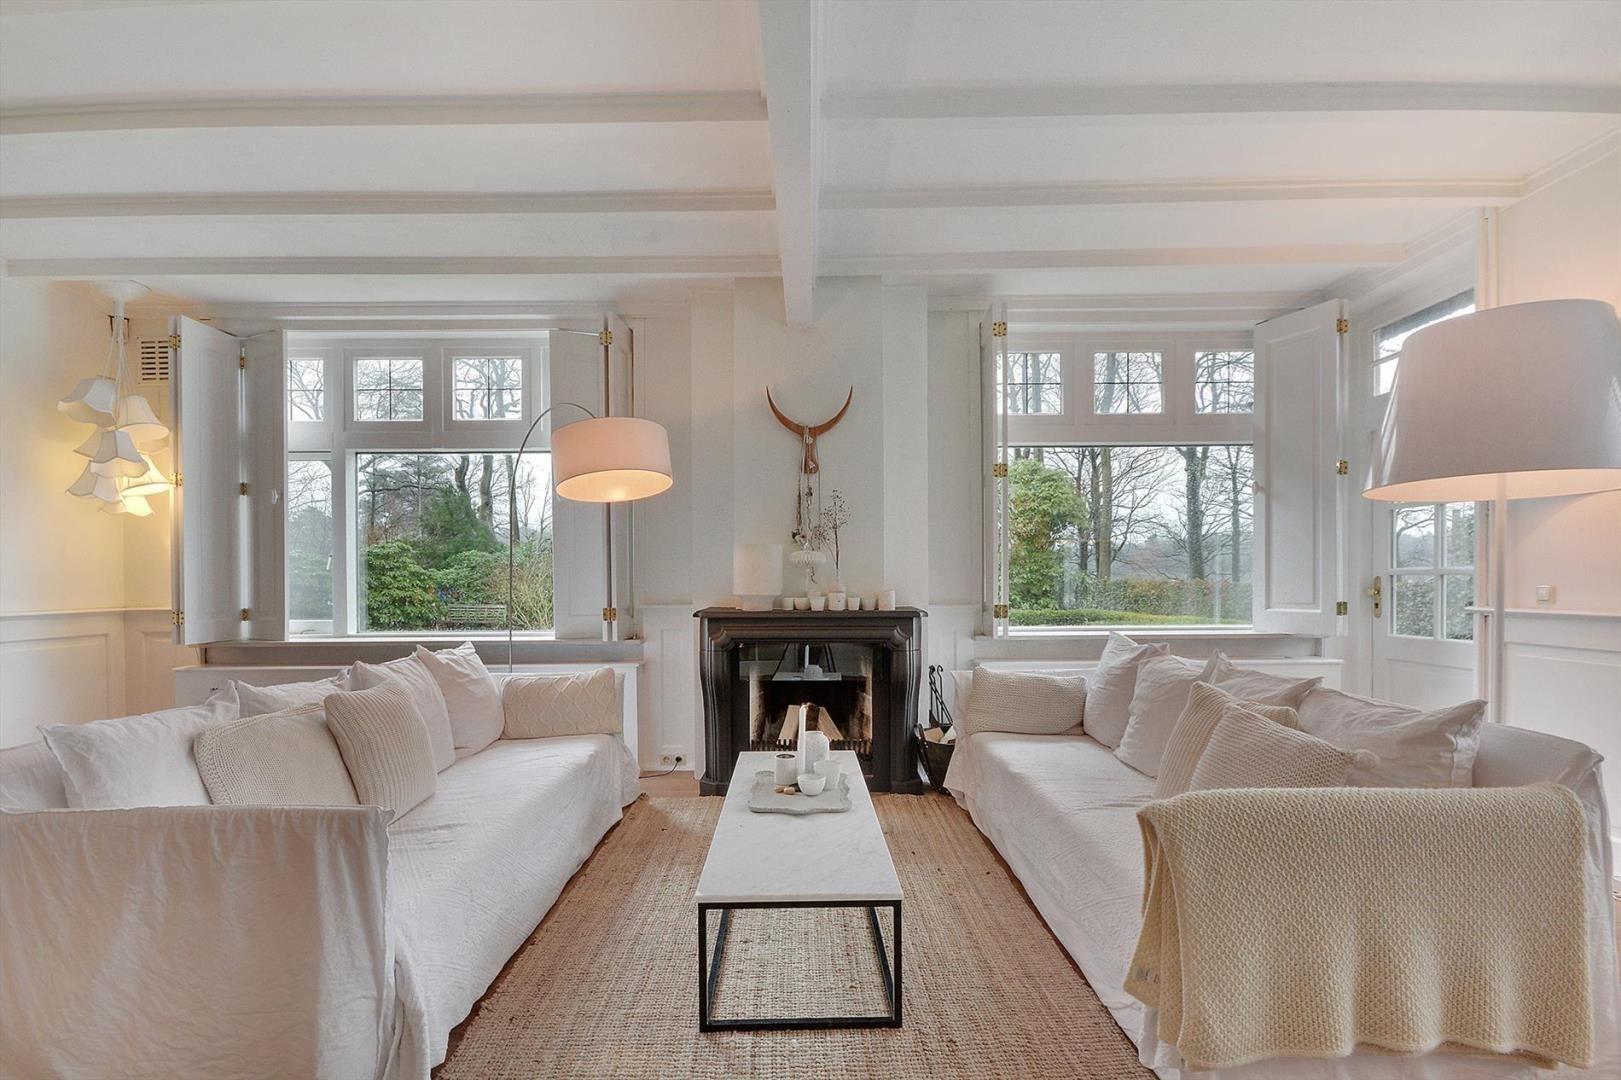 гостиная диван камин окно